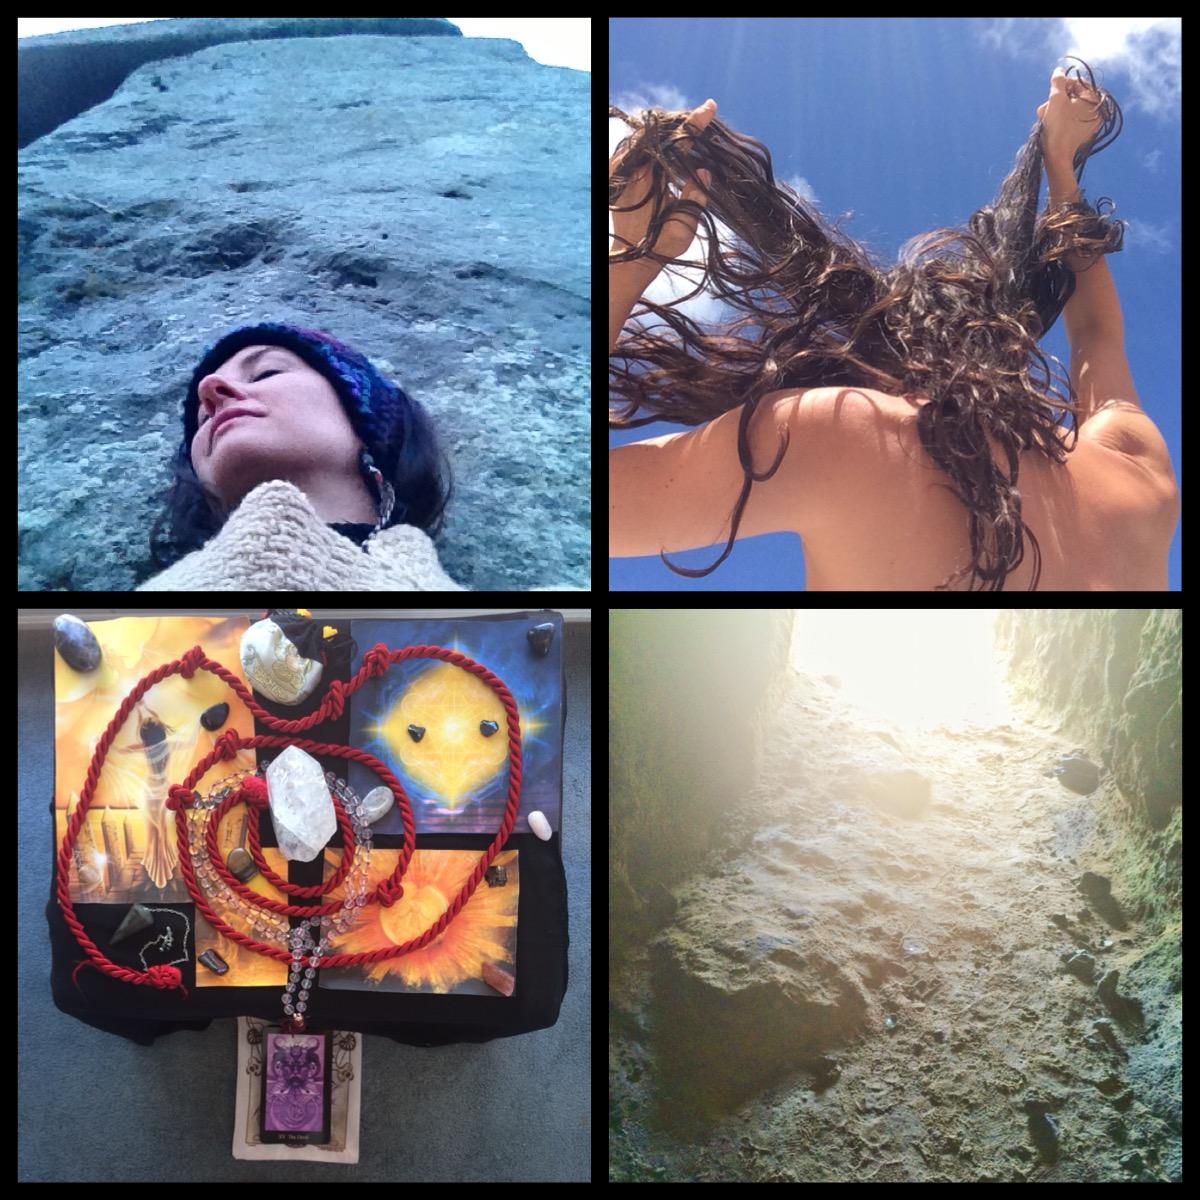 A. Litha 2013, Stonehenge; B. Litha 2015, Eternity Cove; C. Litha 2015, Altar; D. Litha 2015, Cave